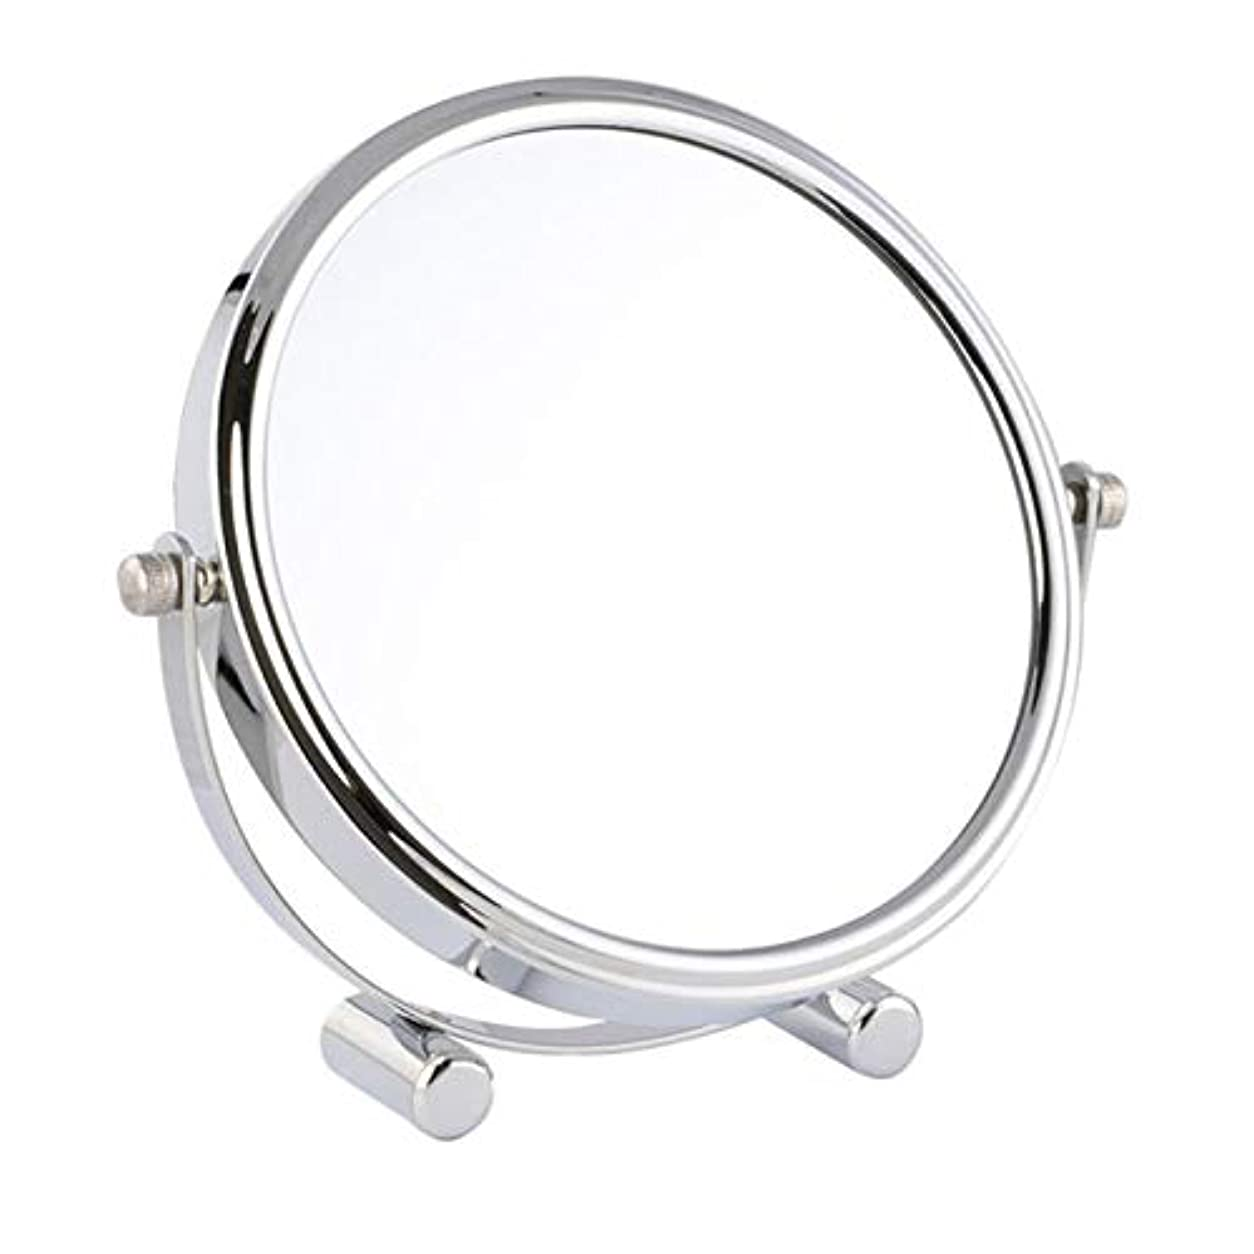 中間慎重に辞任化粧鏡 女優ミラー けメイクミラー スタンドミラー 卓上鏡 化粧道具 両面鏡 片面2倍 拡大鏡 360度回転 鏡面直径17cm